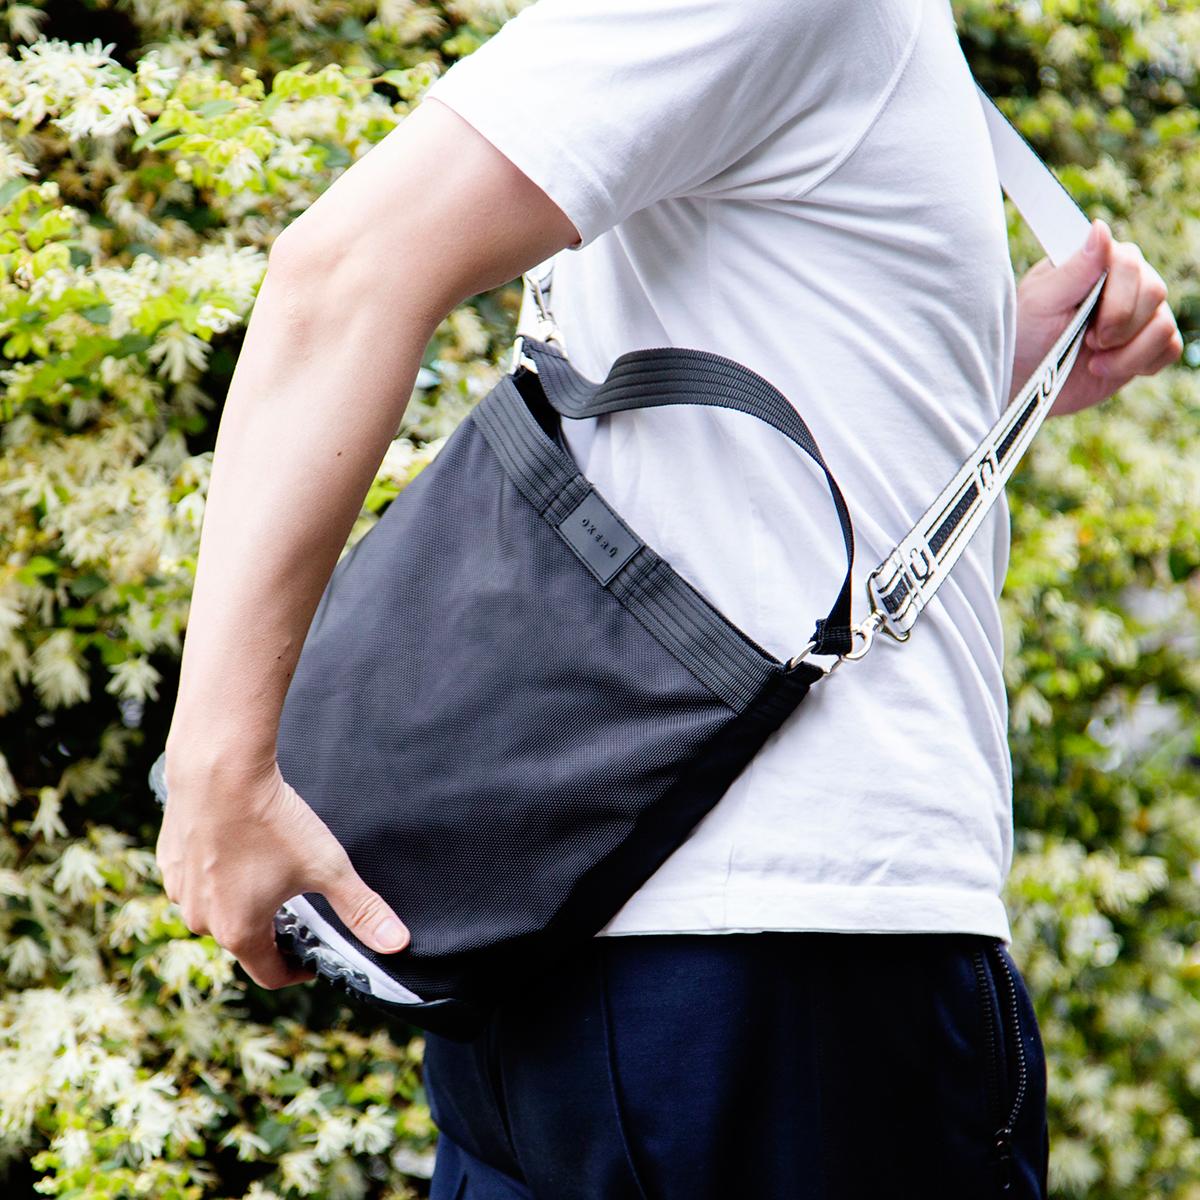 外に出かけた時に直面する、バッグの置き場問題から解放される。あの傑作スニーカーのエアソールを履いた「遊びトート」| OKERU MONOCO限定